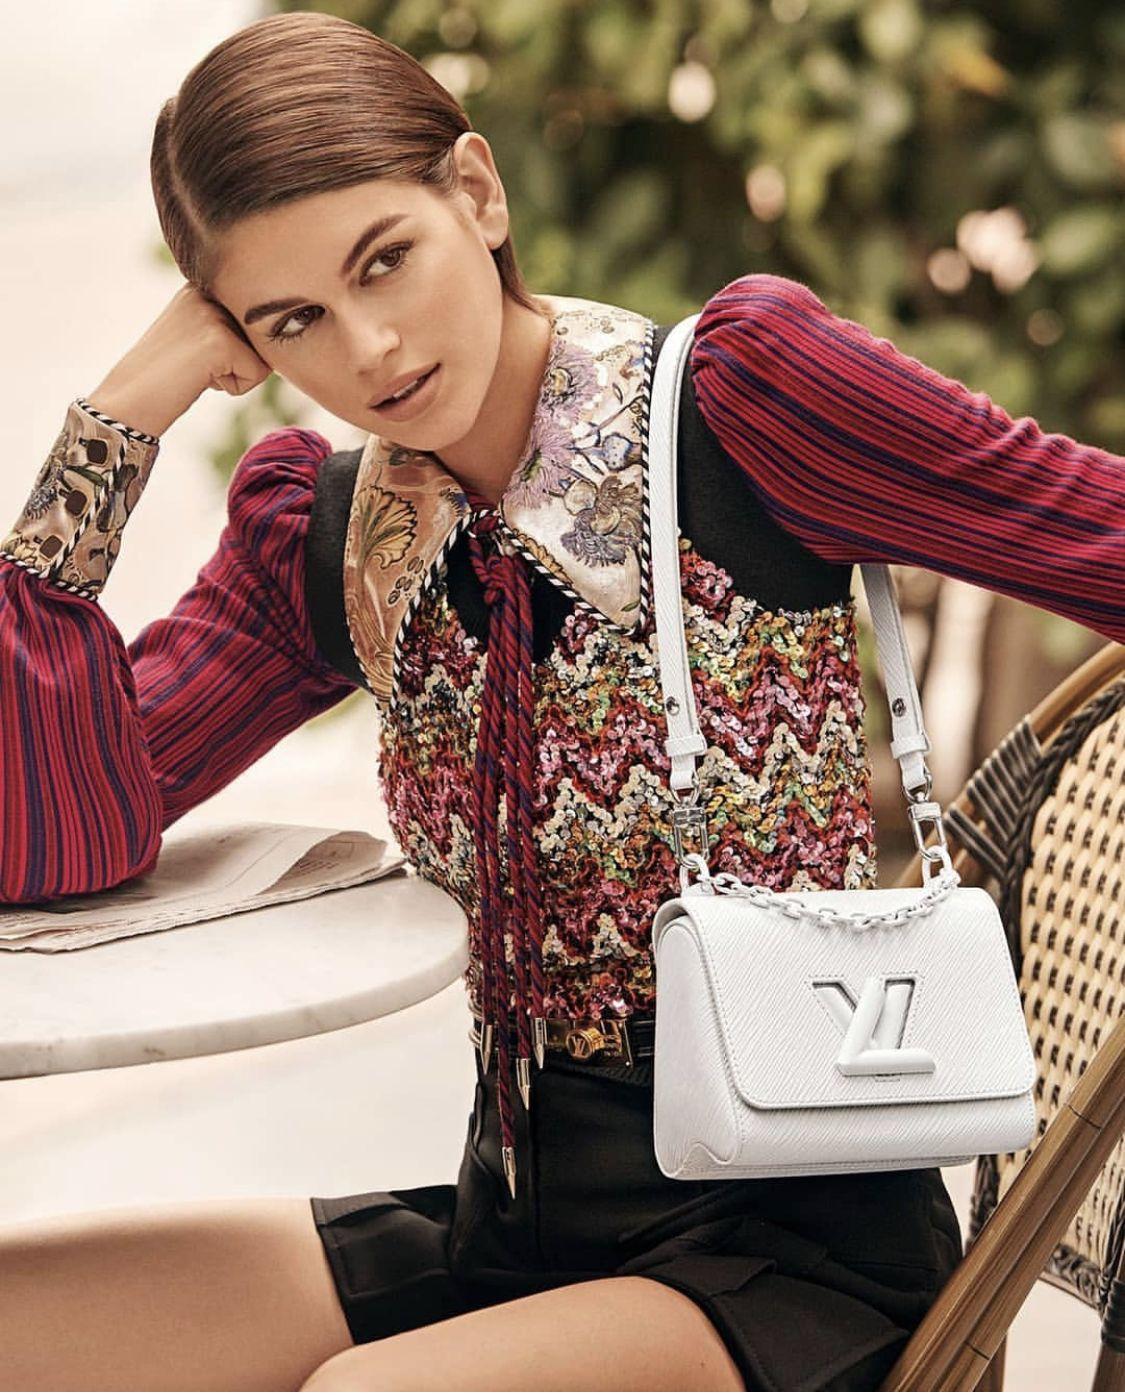 #kaiagerber for Louis Vuitton